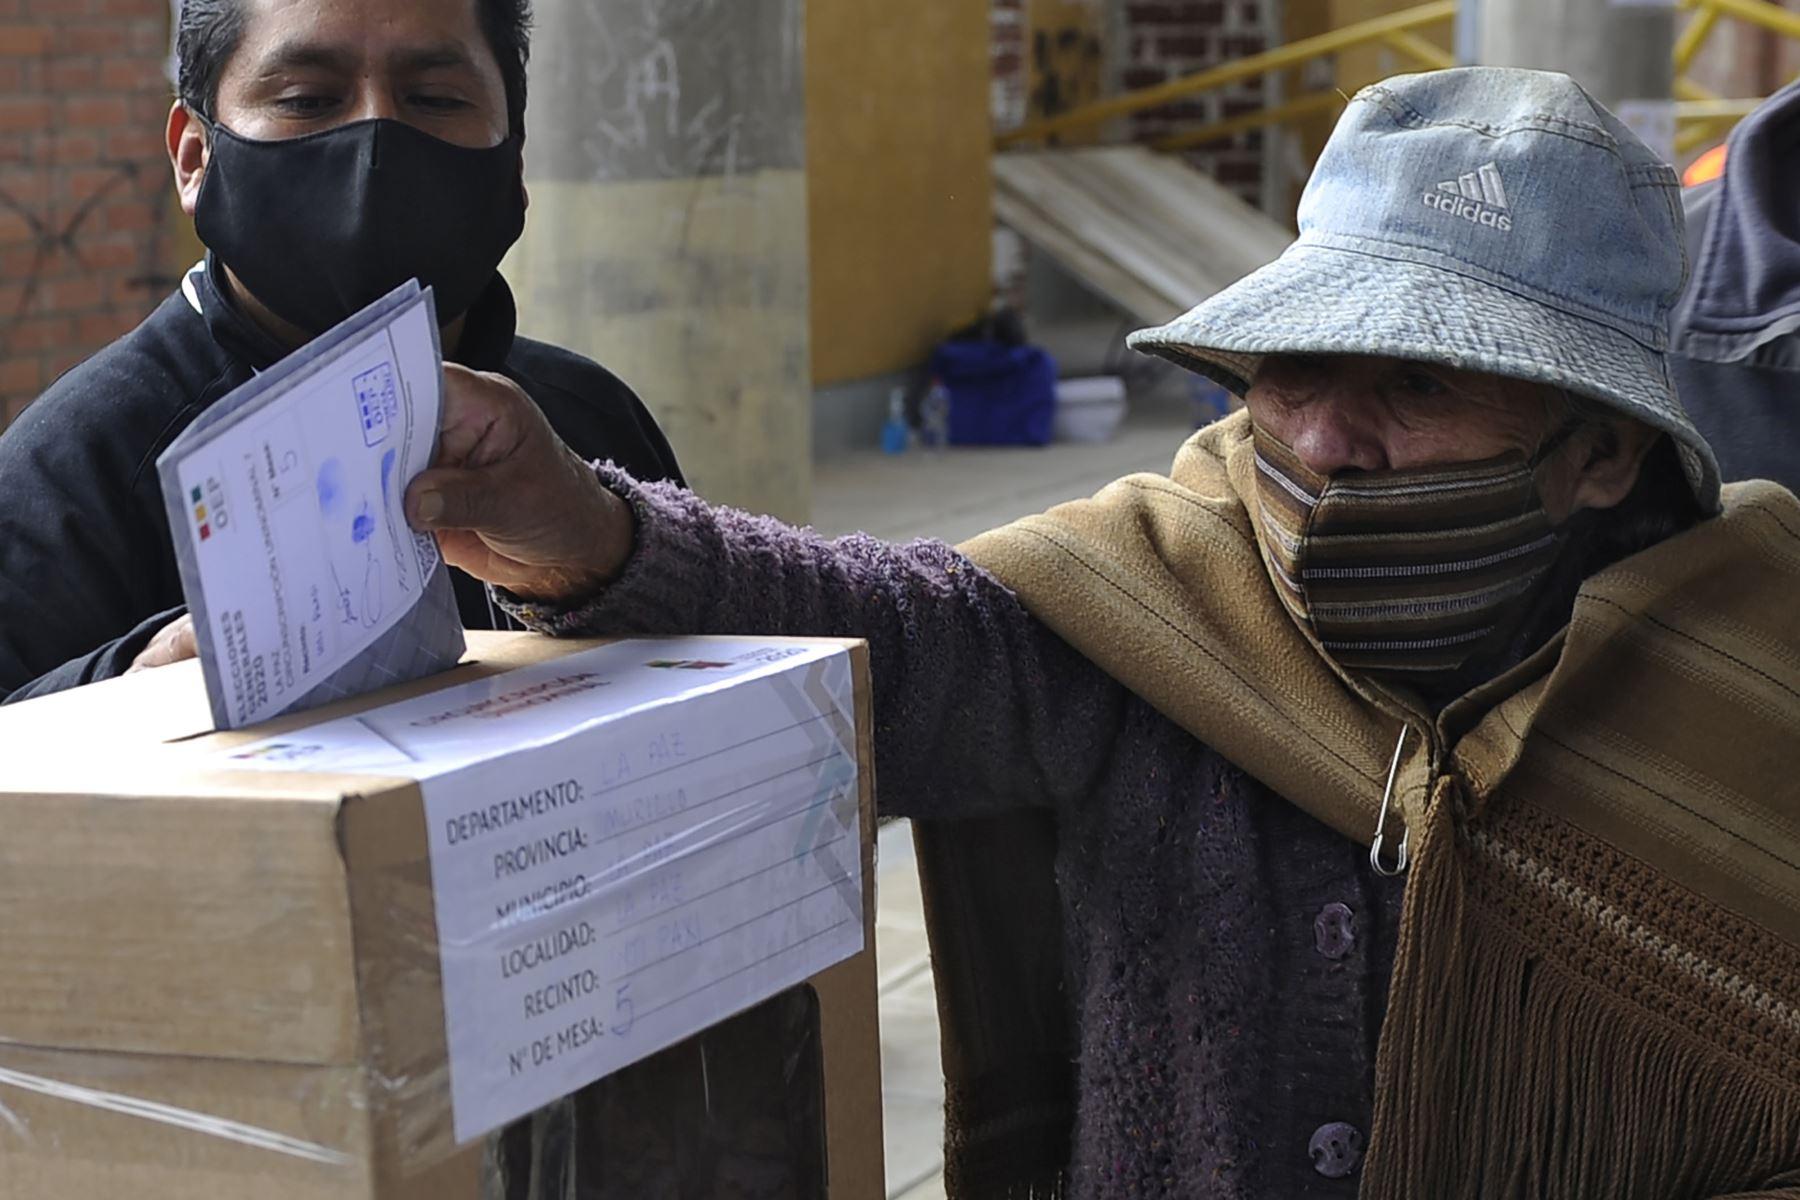 Una mujer indígena aymara emite su voto en un colegio electoral en La Paz durante las elecciones generales de Bolivia que se desarrollan en medio de la pandemia. Foto: AFP